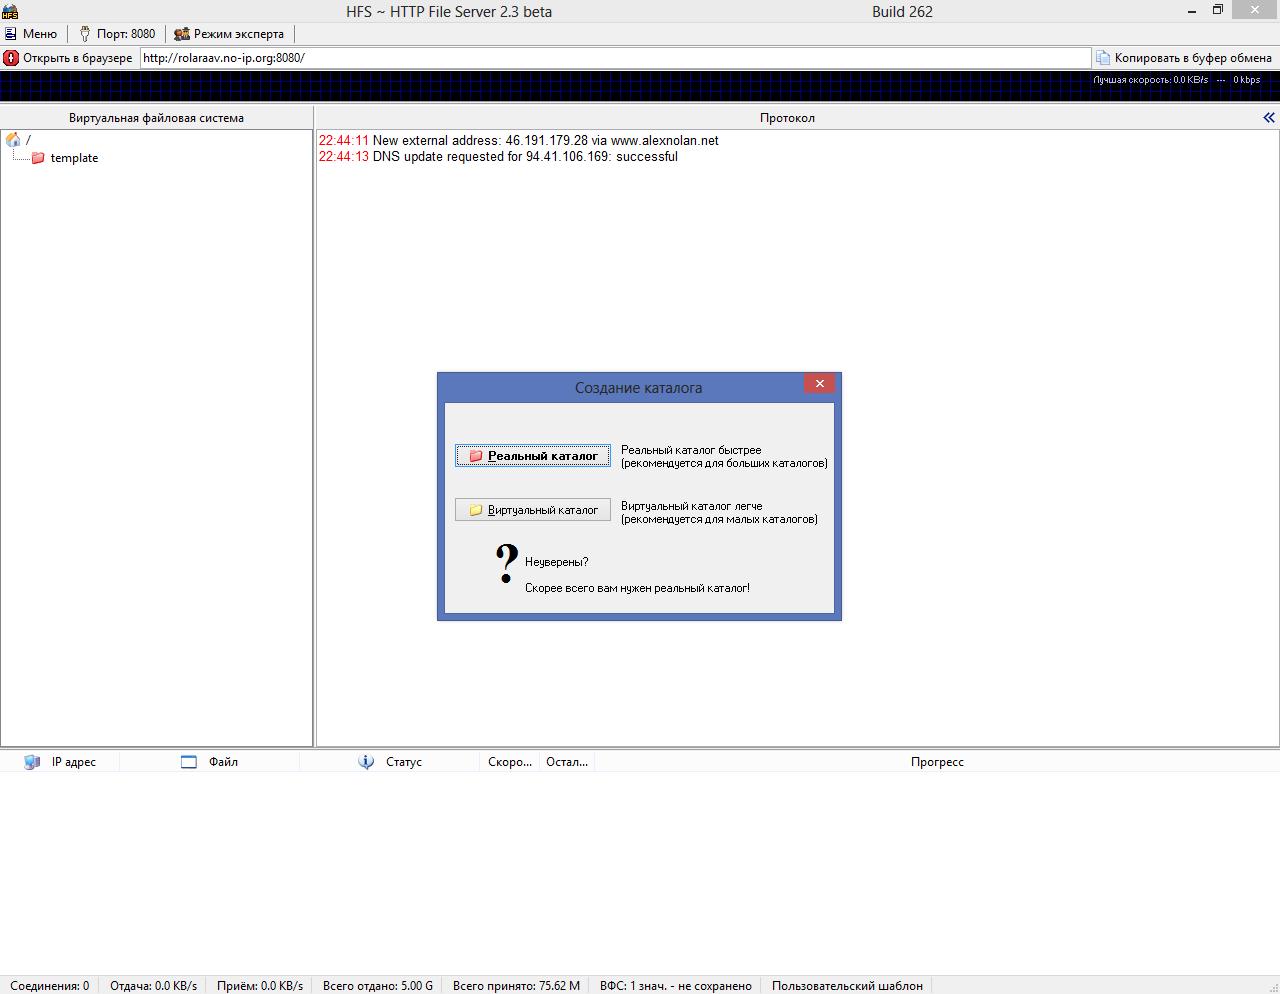 Как использовать hfs для сервера css как сделать в сайте admin panel